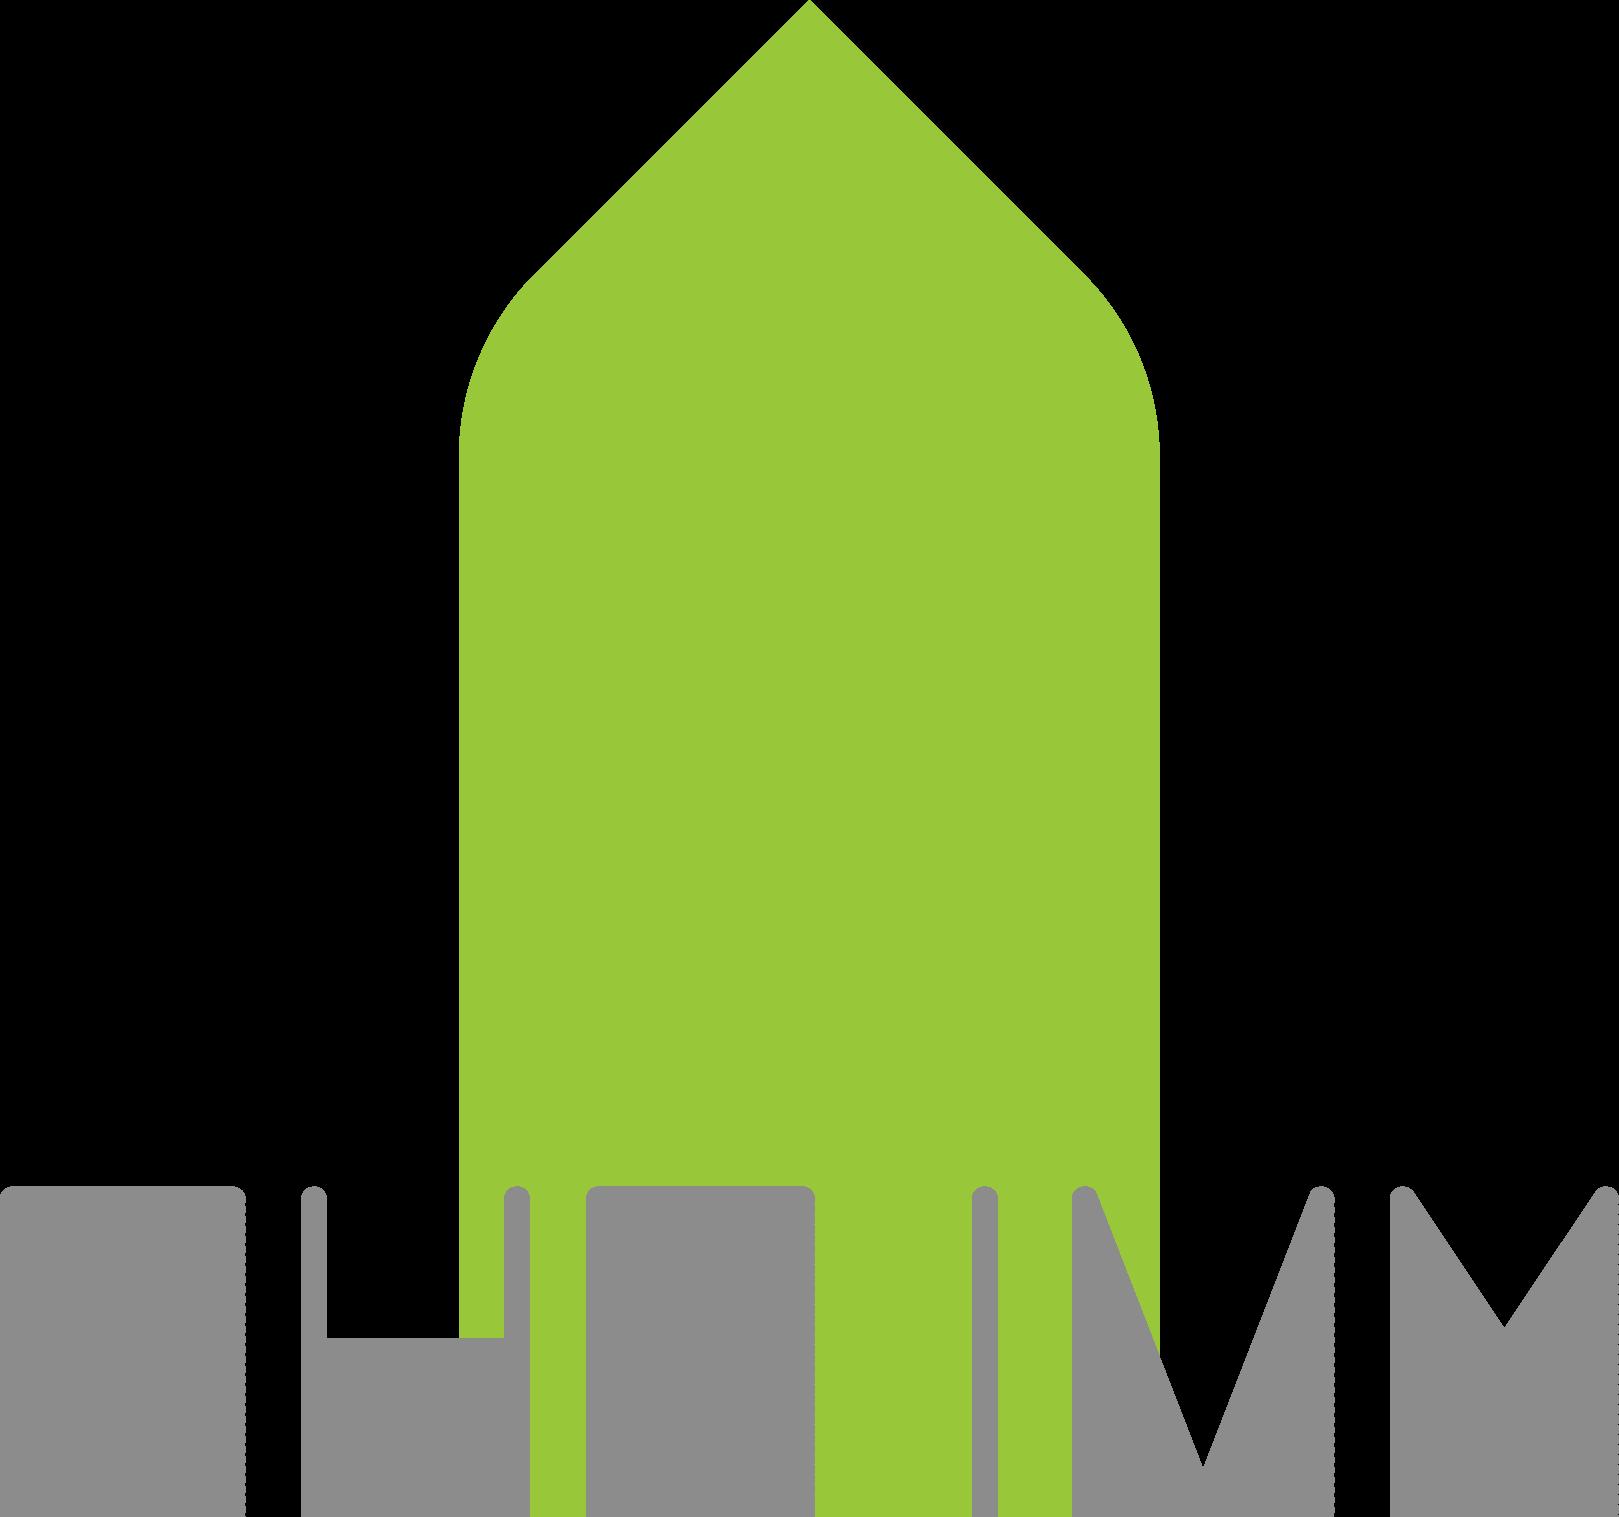 The Ivy ***NEEDS A COOL MODERN LOGO***